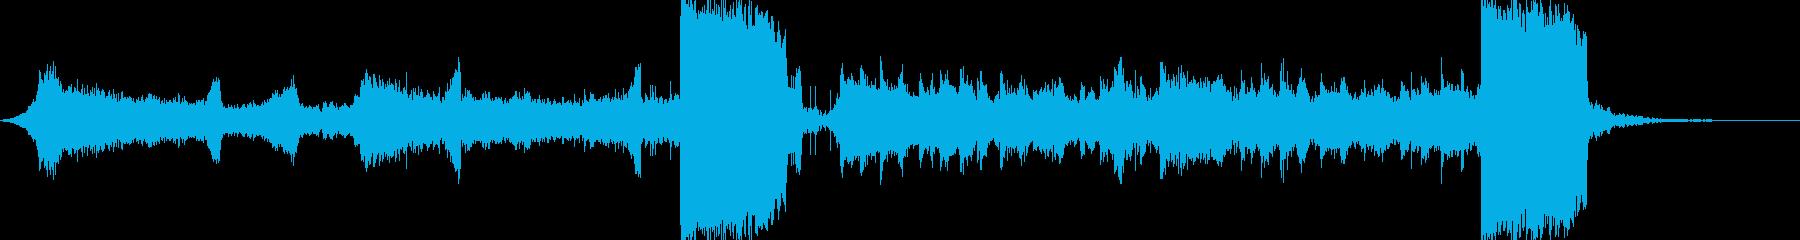 激しい映画、ゲーム、予告用の曲の再生済みの波形